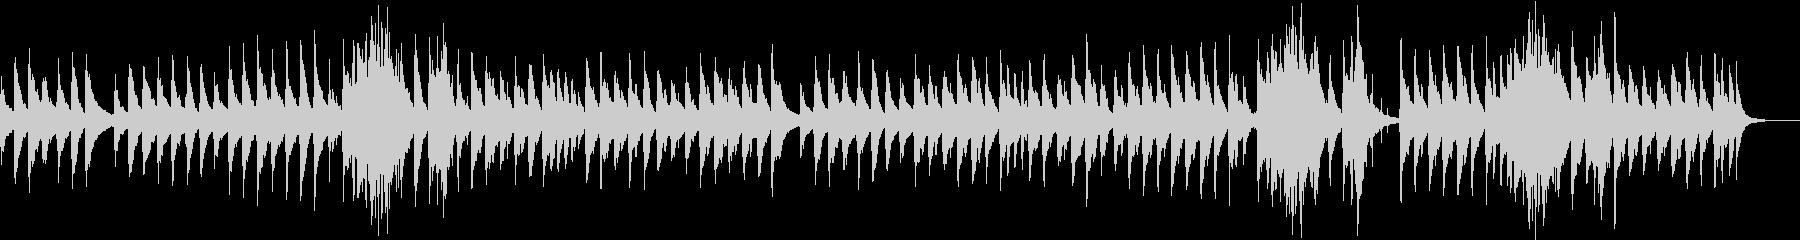 ハープの音色が優しく響きます。の未再生の波形